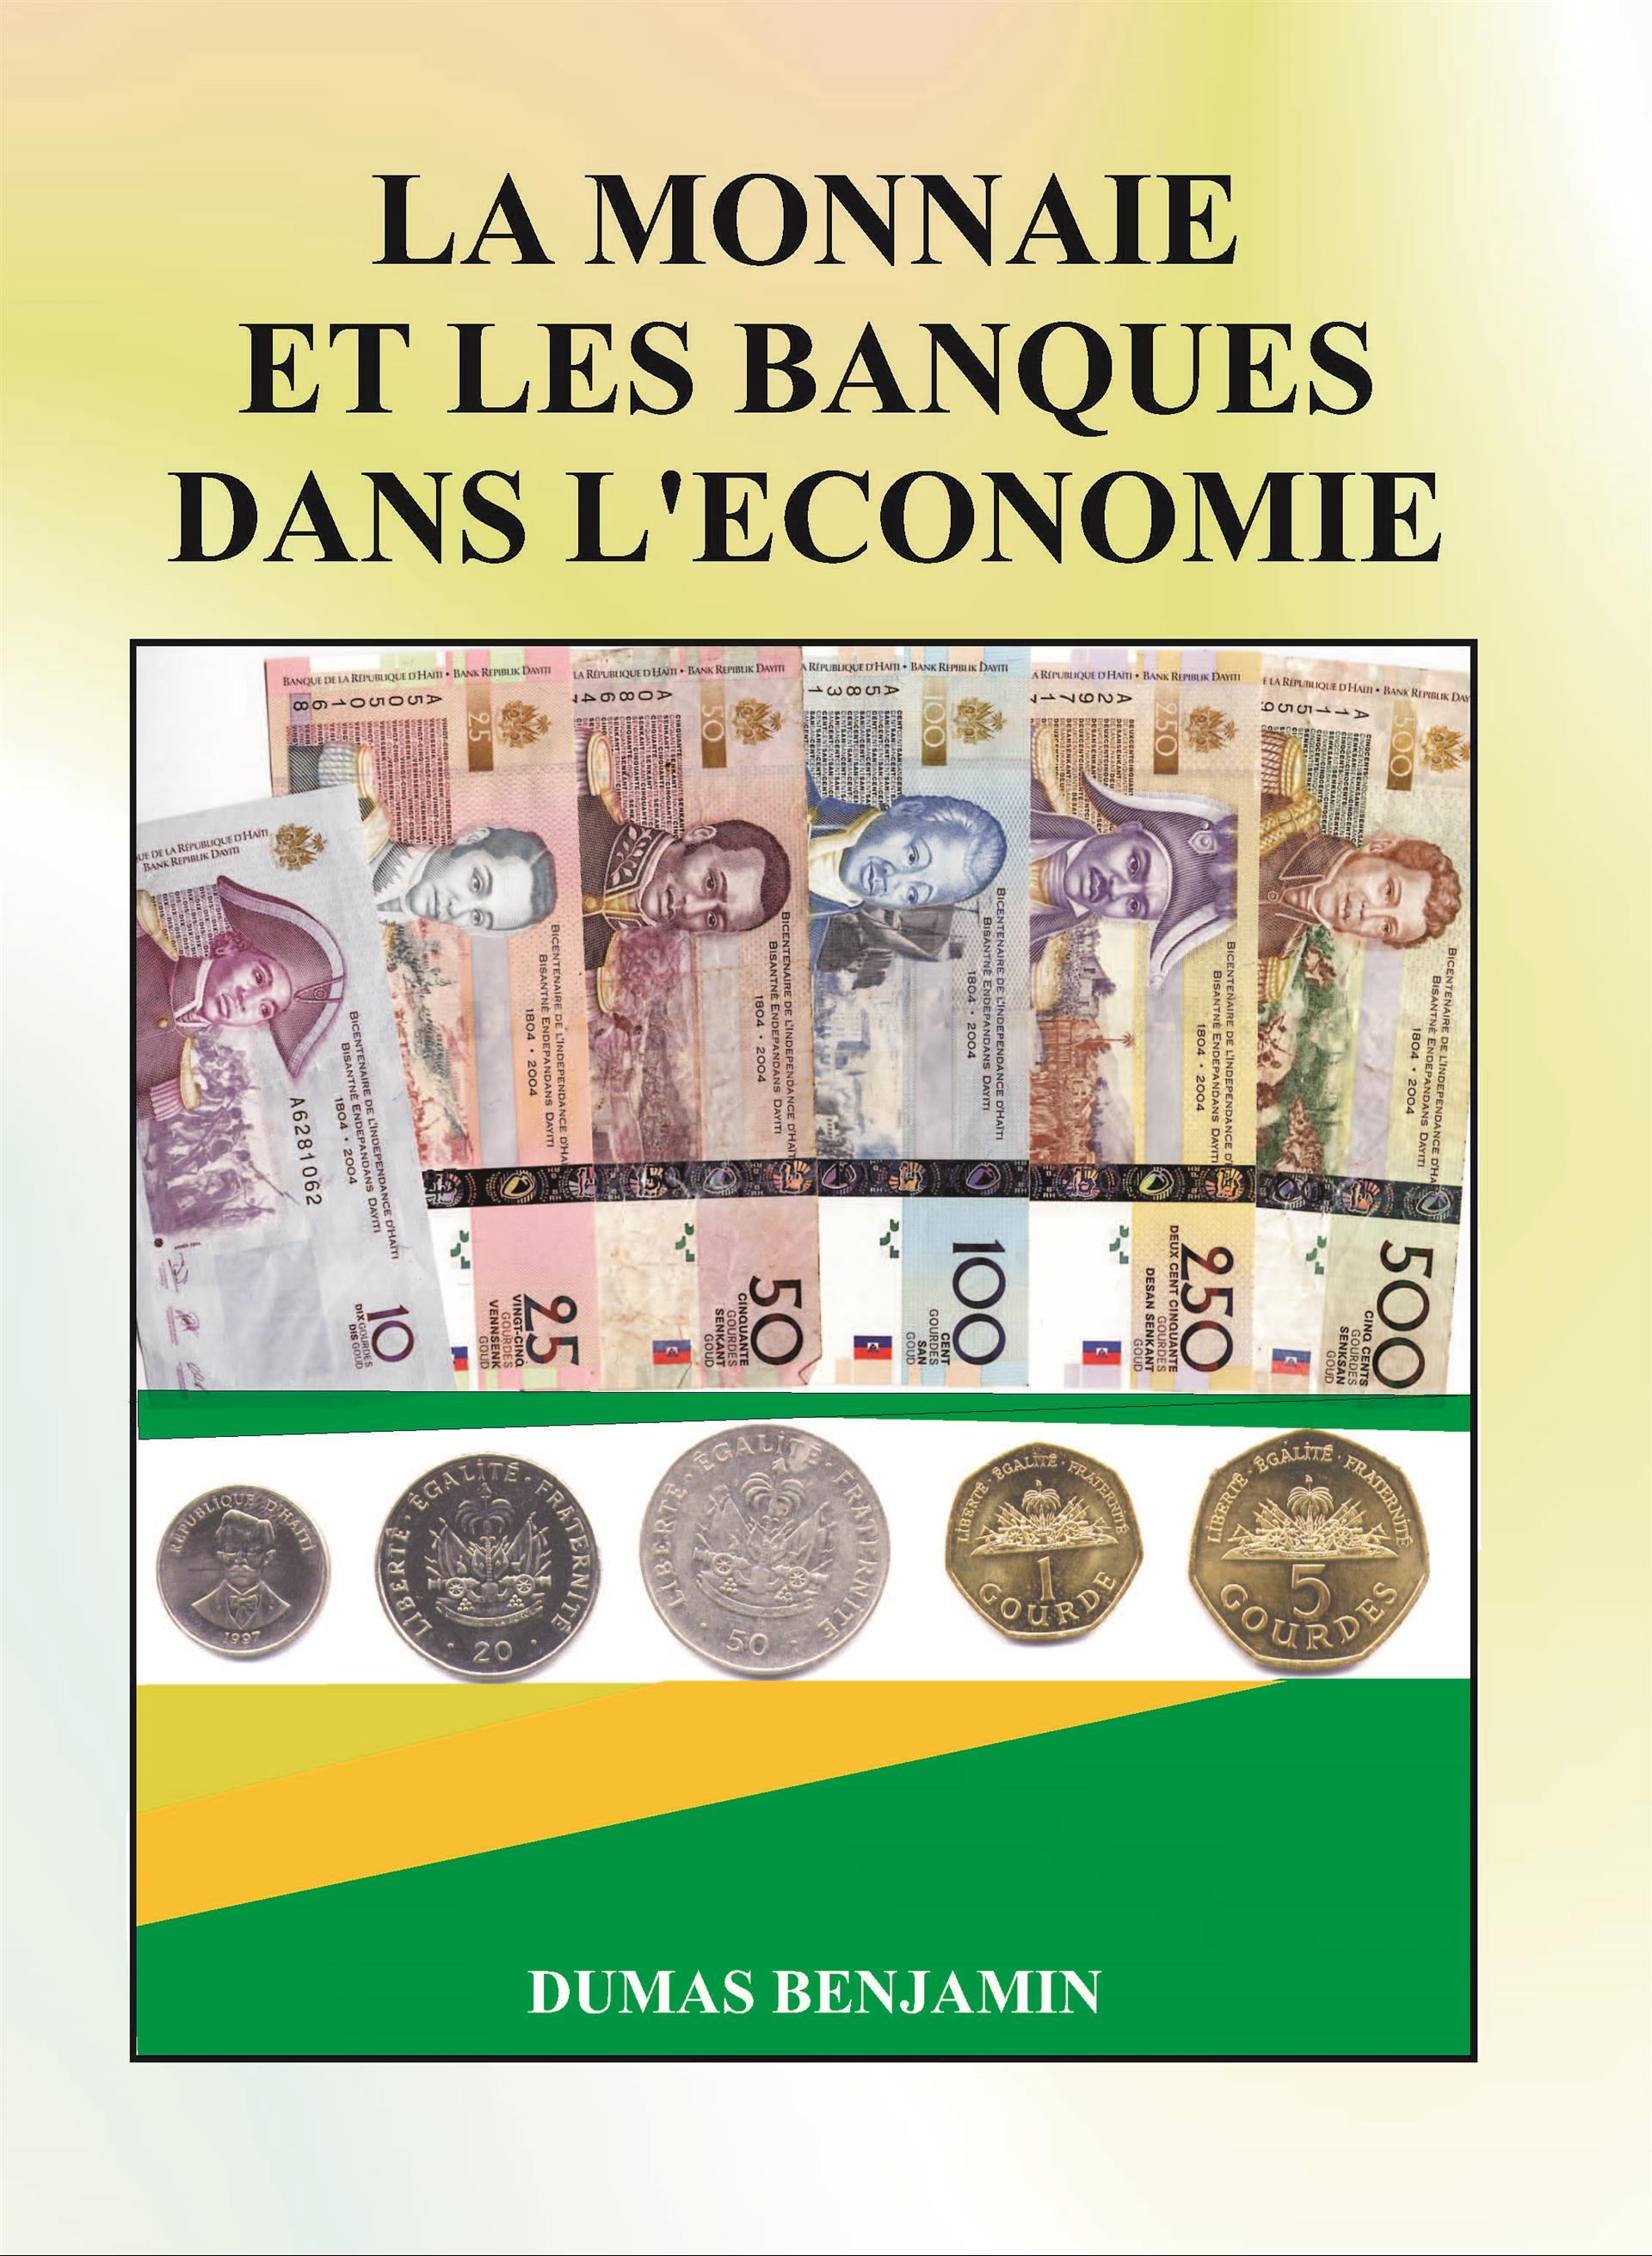 Monnaie et Banques dans l'economie